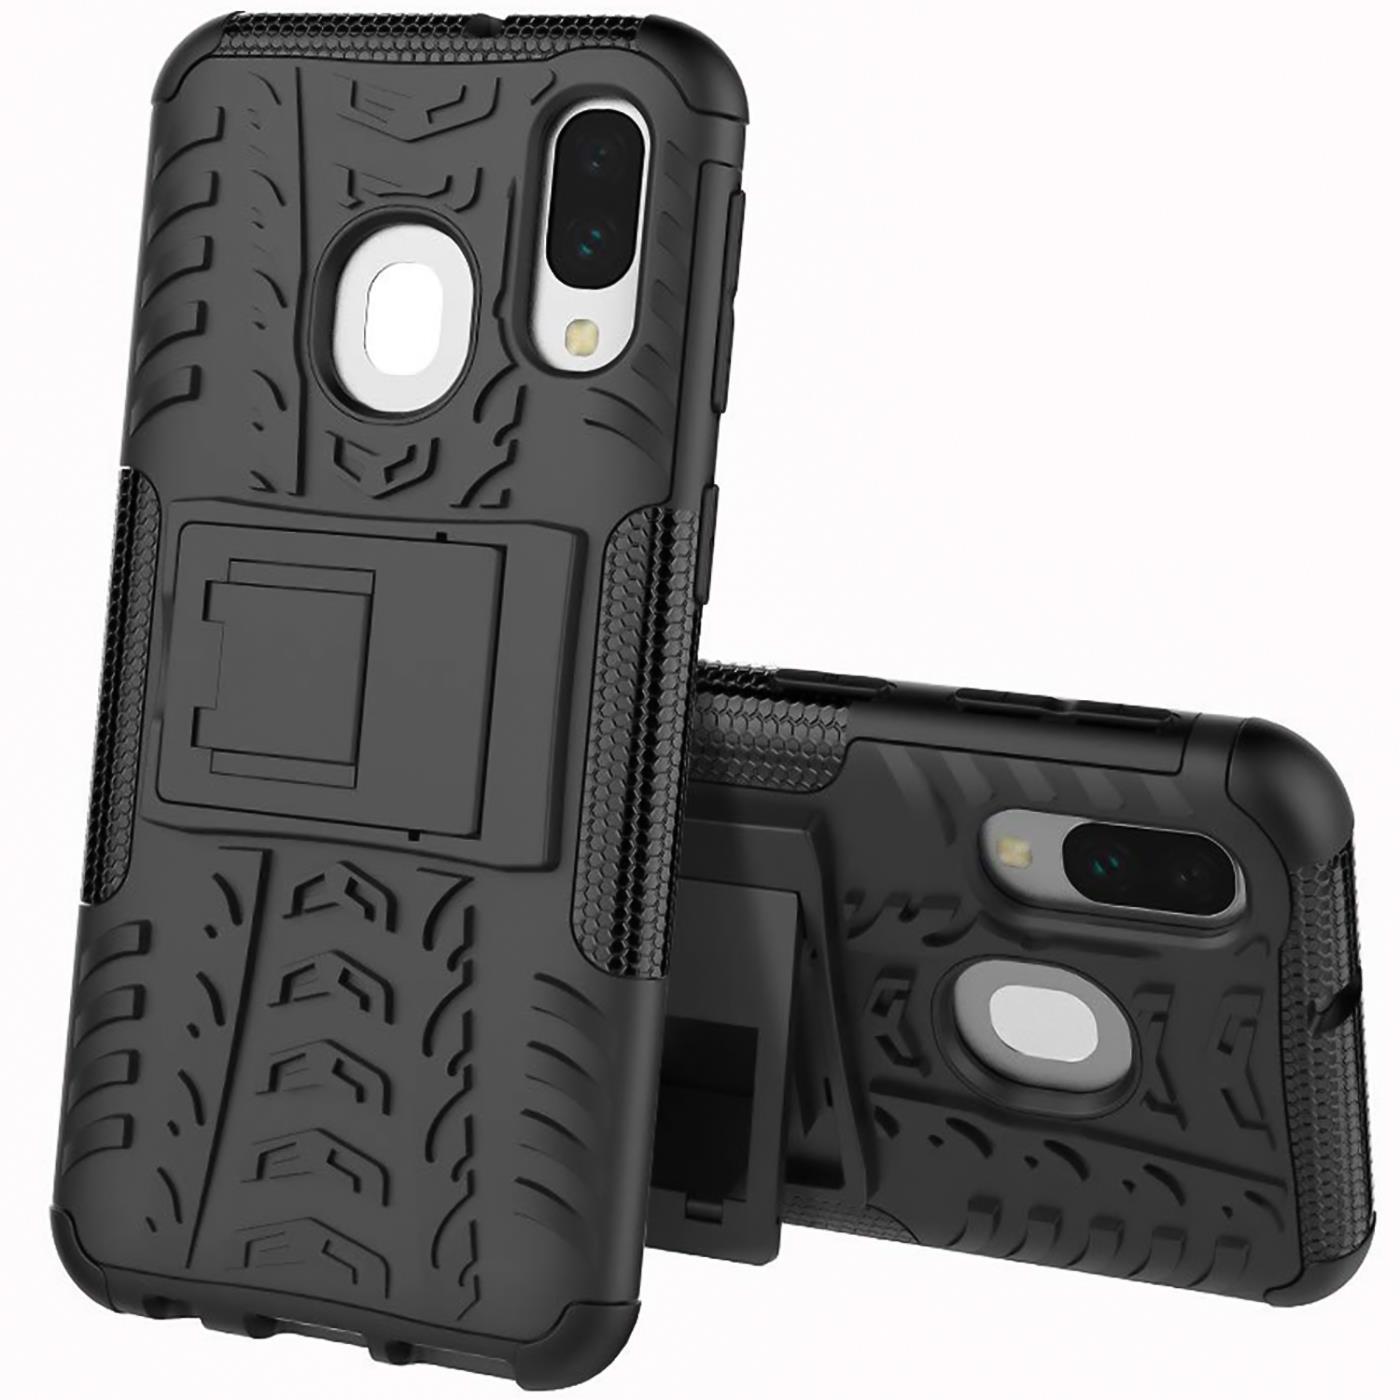 Schutzhuelle-Samsung-Galaxy-A20e-Handy-Tasche-Schutz-Huelle-Hybrid-Panzer-Case Indexbild 17